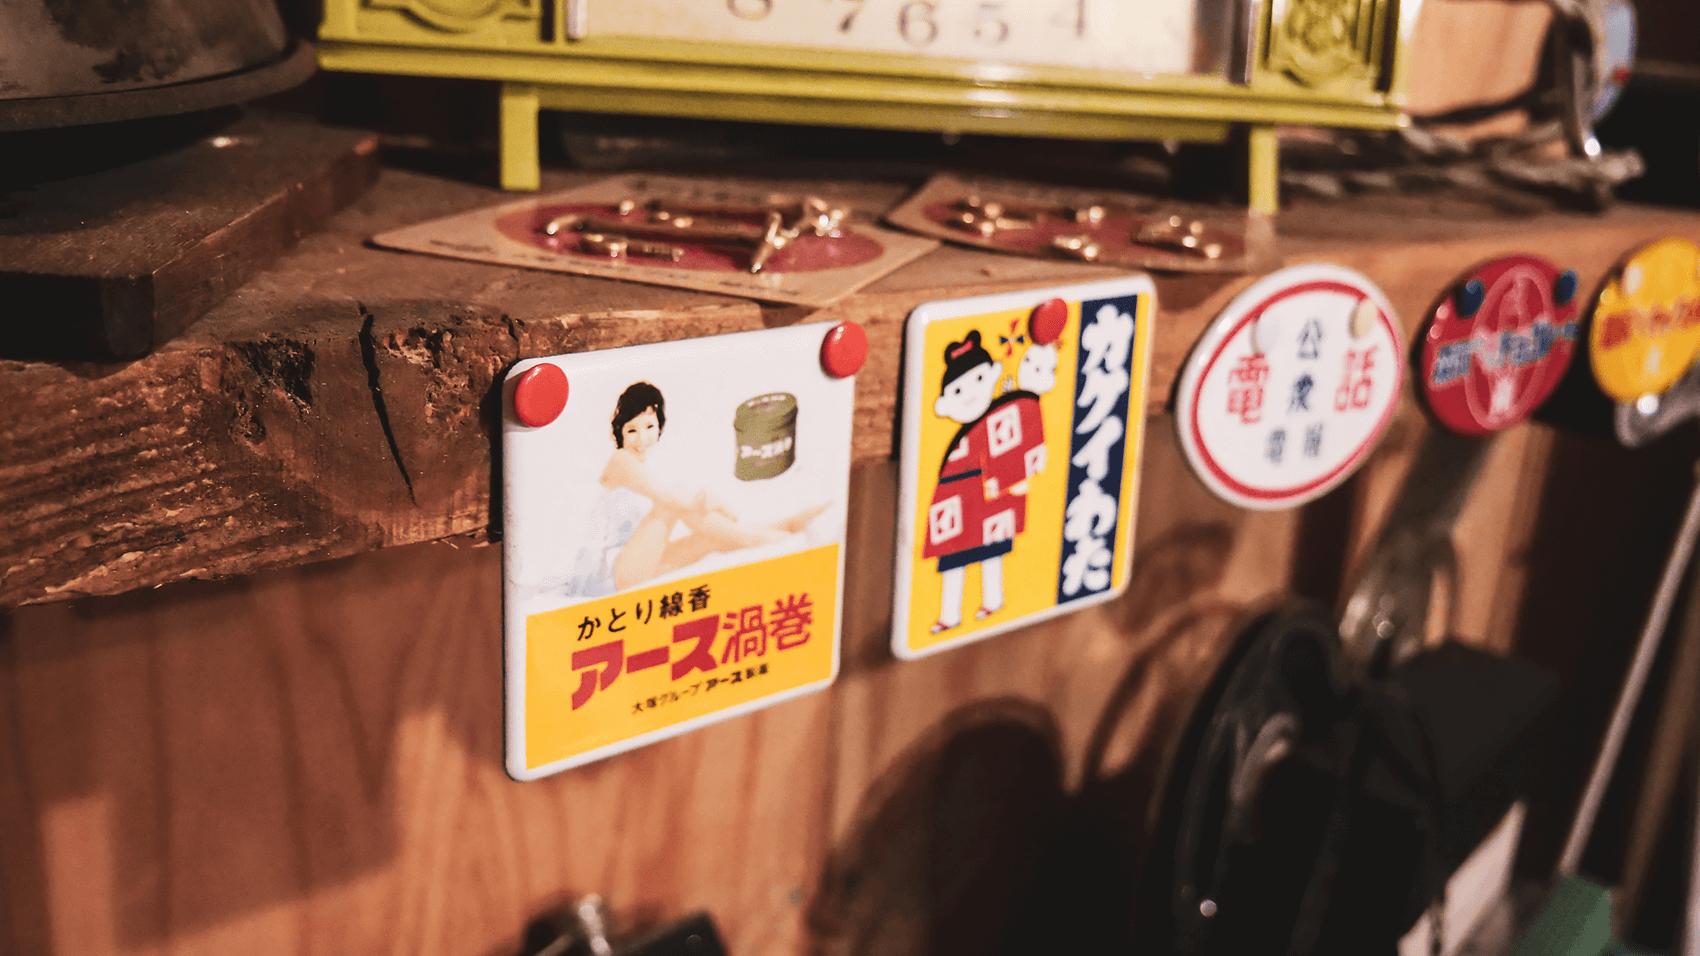 昭和レトロな小さい看板